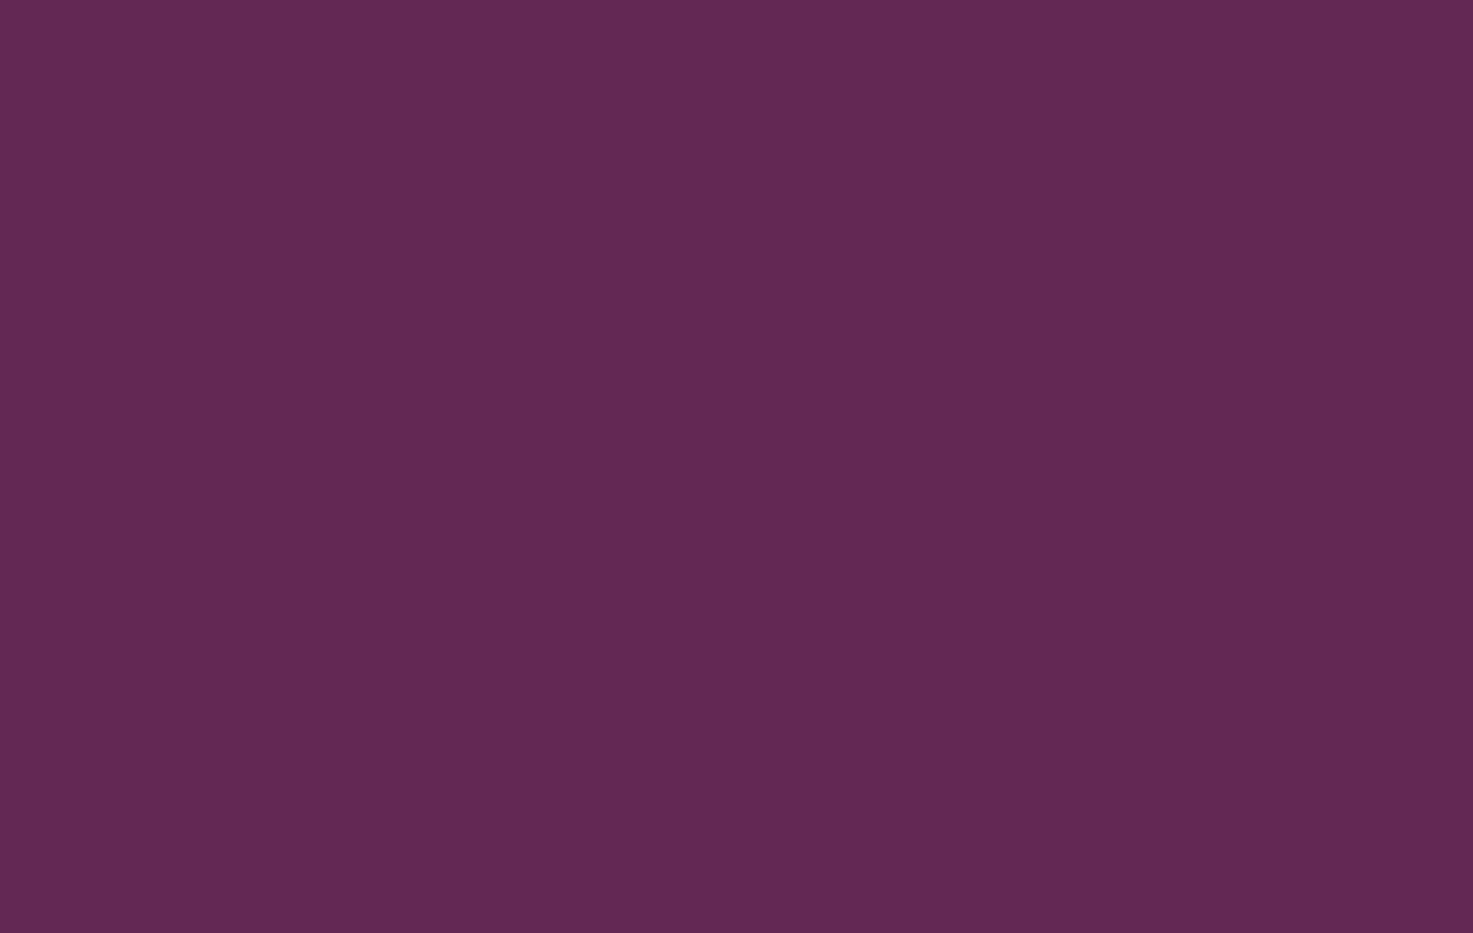 violetto 526